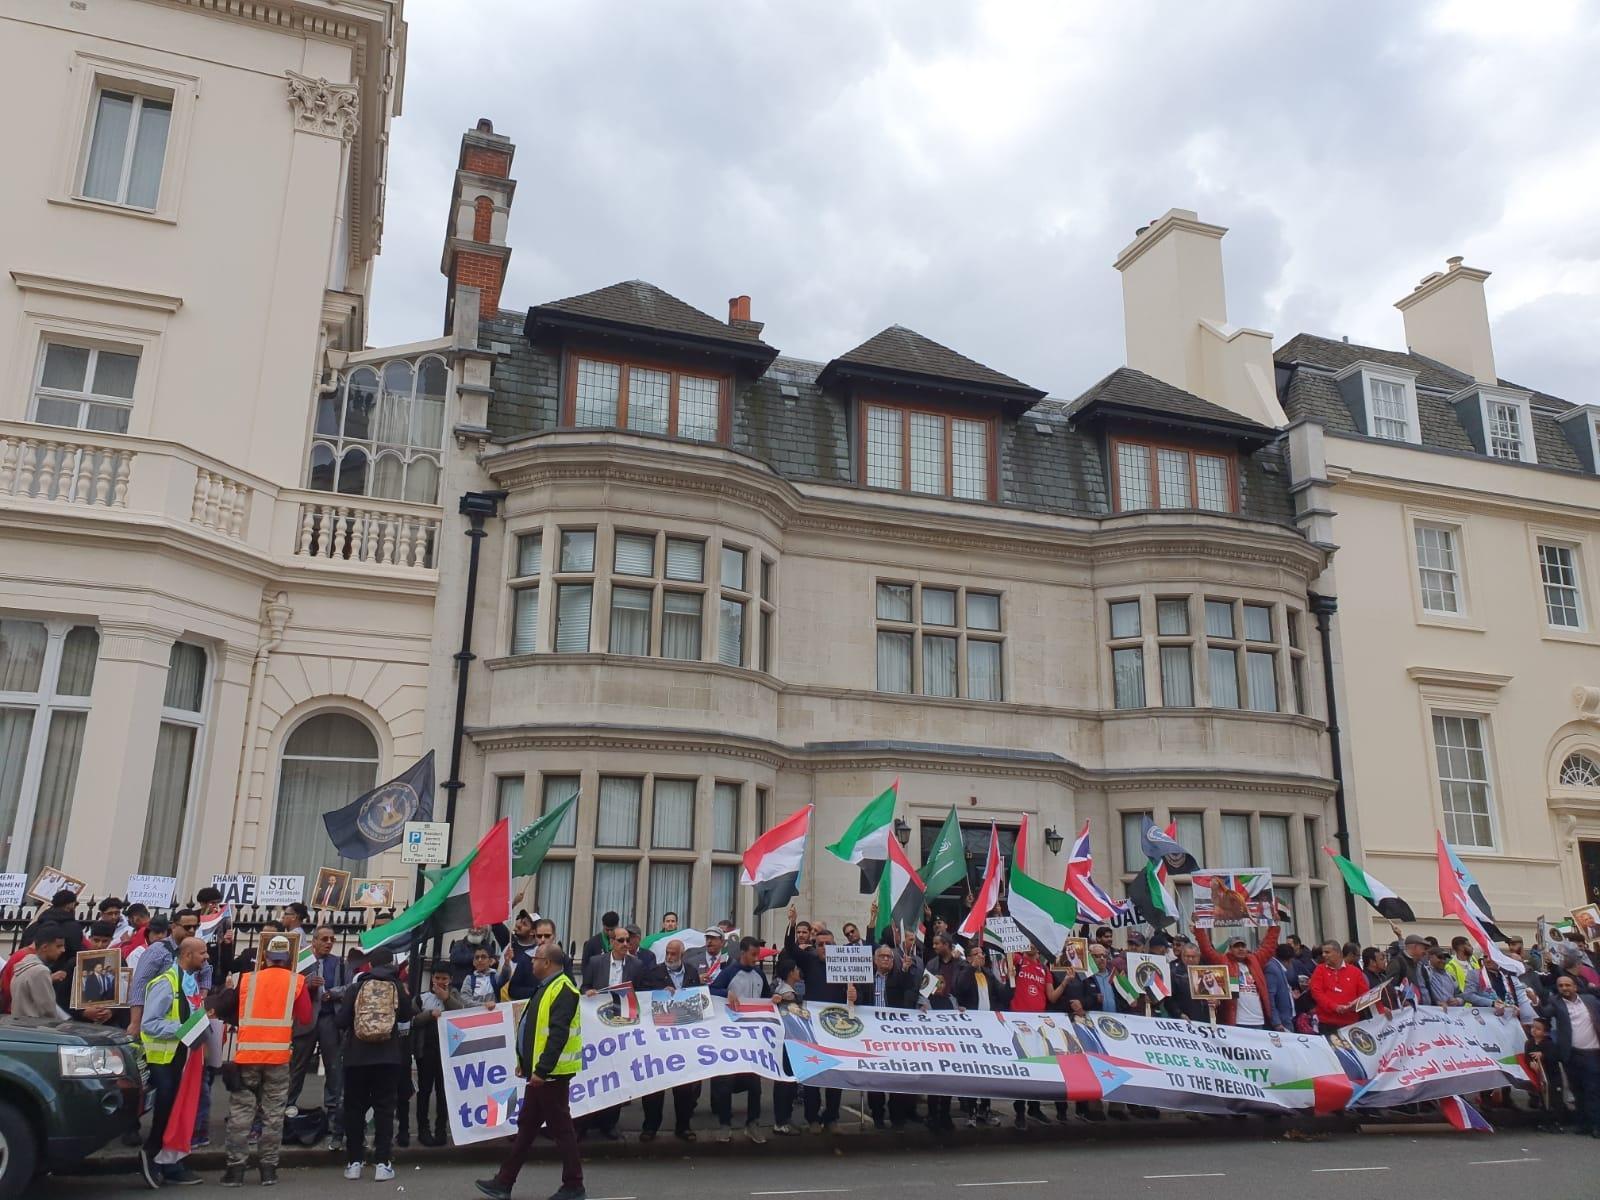 مظاهرة حاشدة للجالية الجنوبية أمام السفارة الإماراتية في لندن دعماً للشعب الجنوبي ووفاءً للتحالف العربي